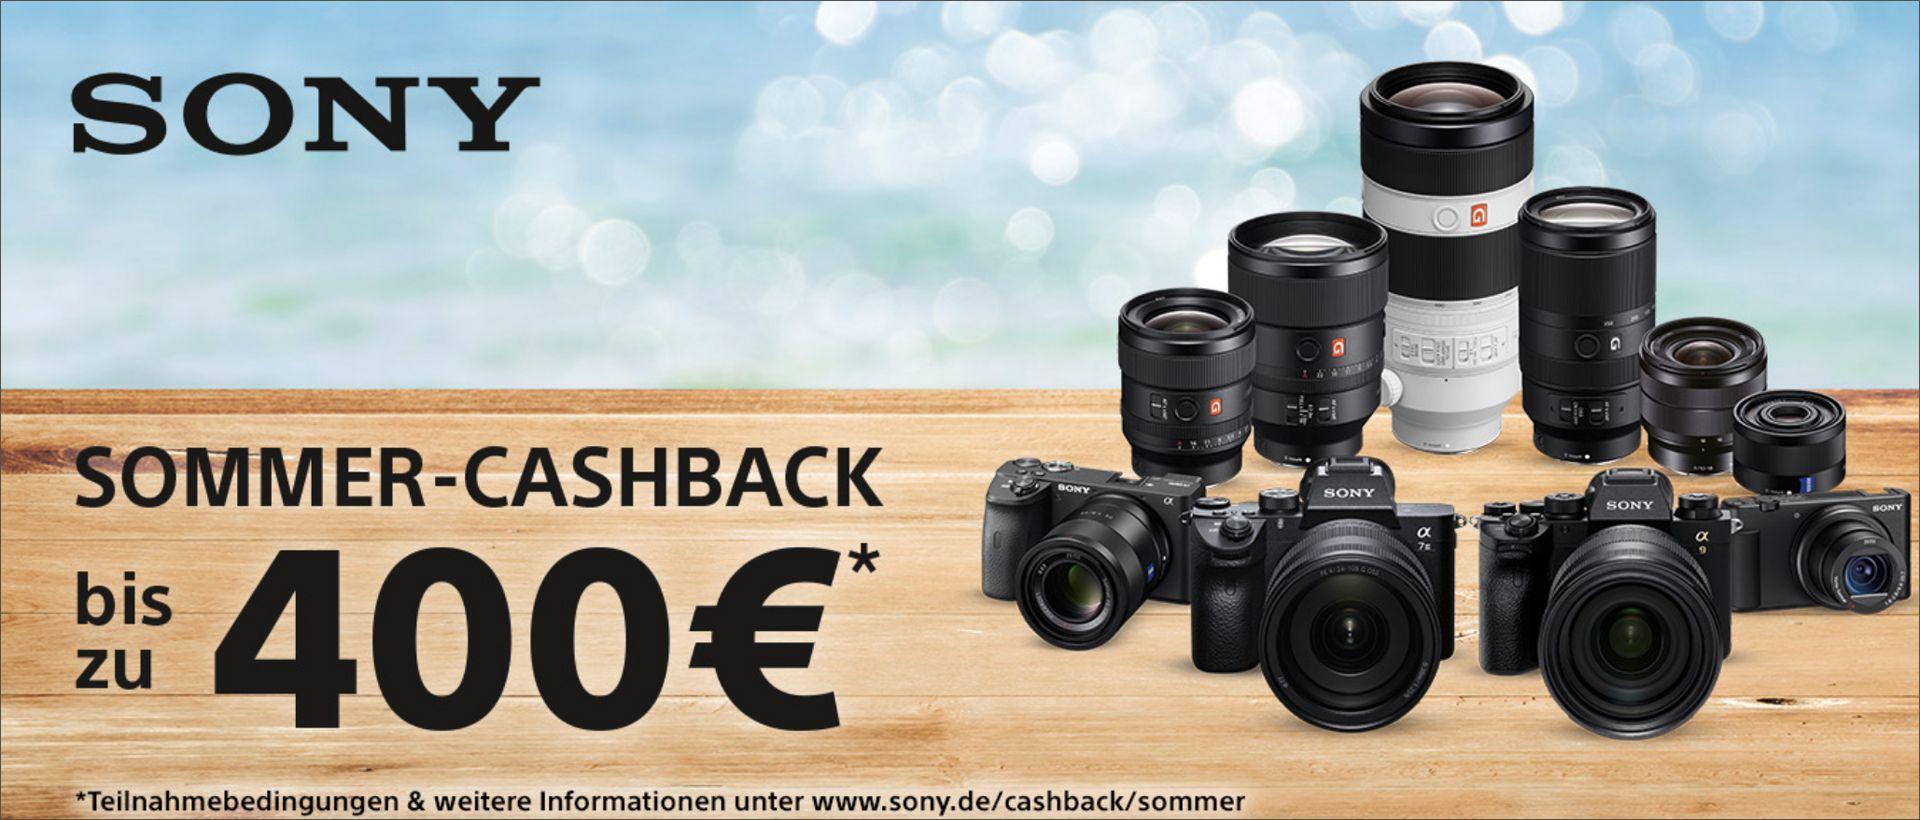 Sony Sommer Cashback